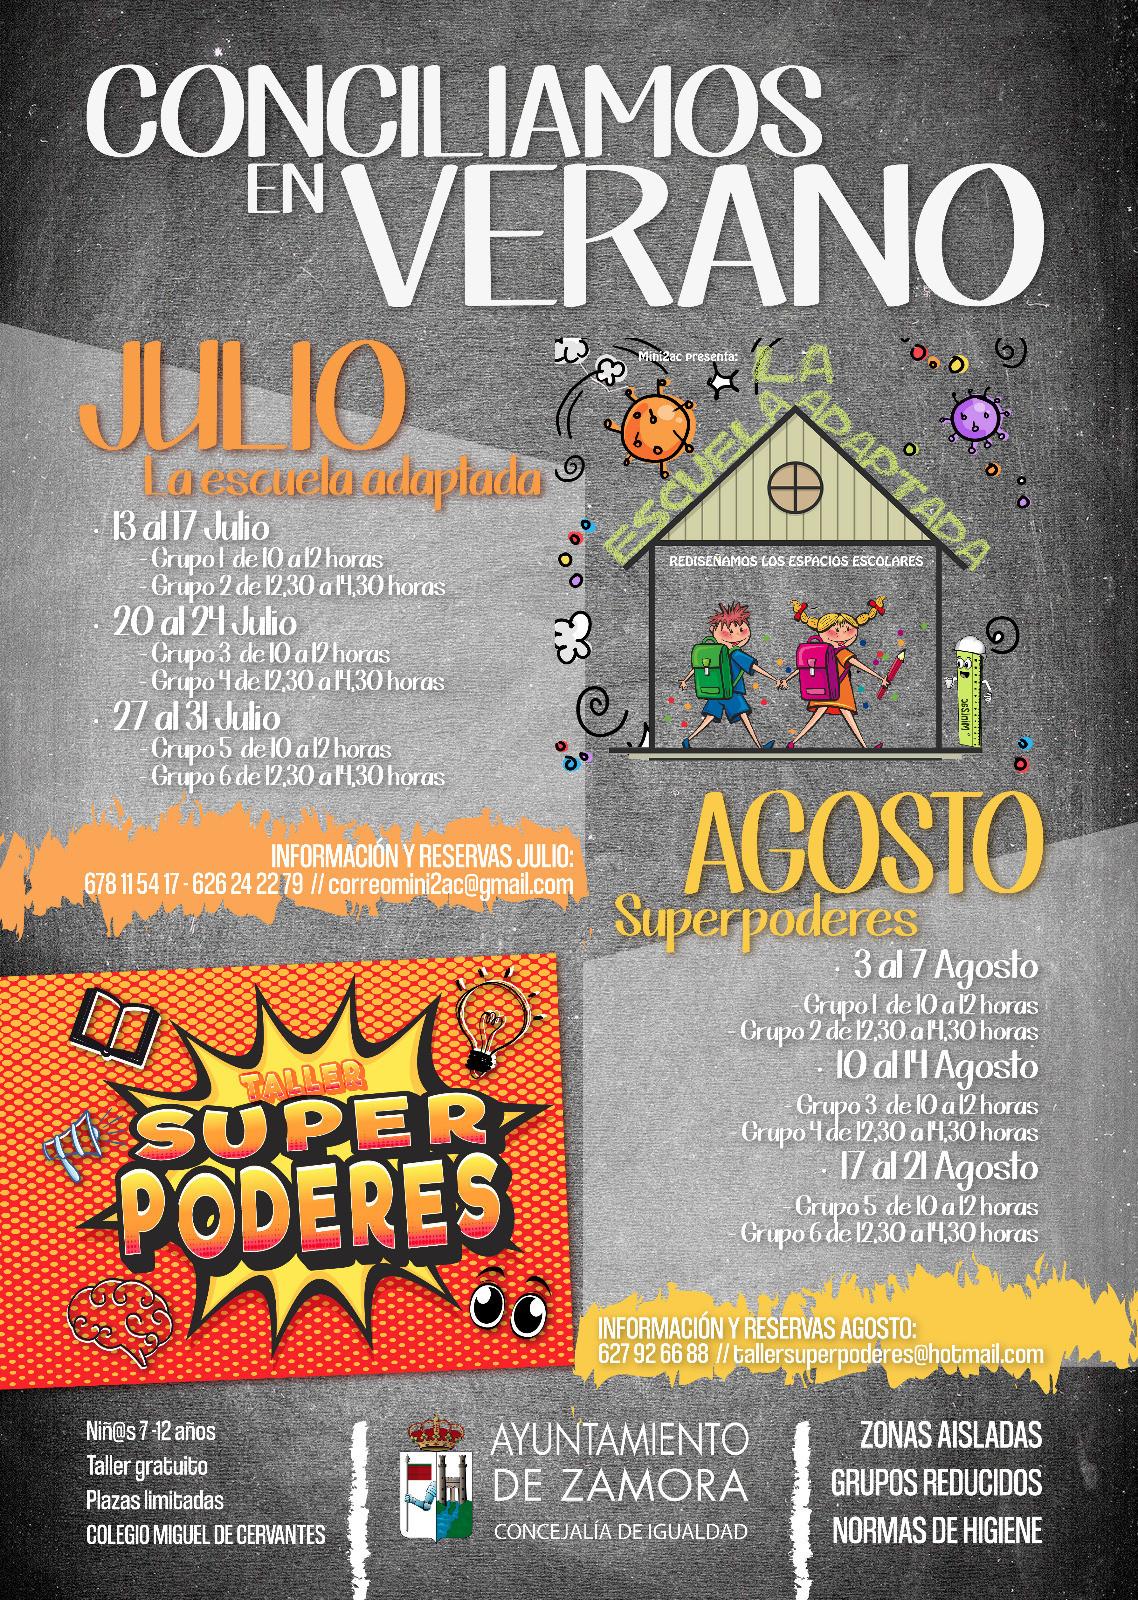 El Ayuntamiento de Zamora ofrece 15 cursos y talleres gratis para jóvenes